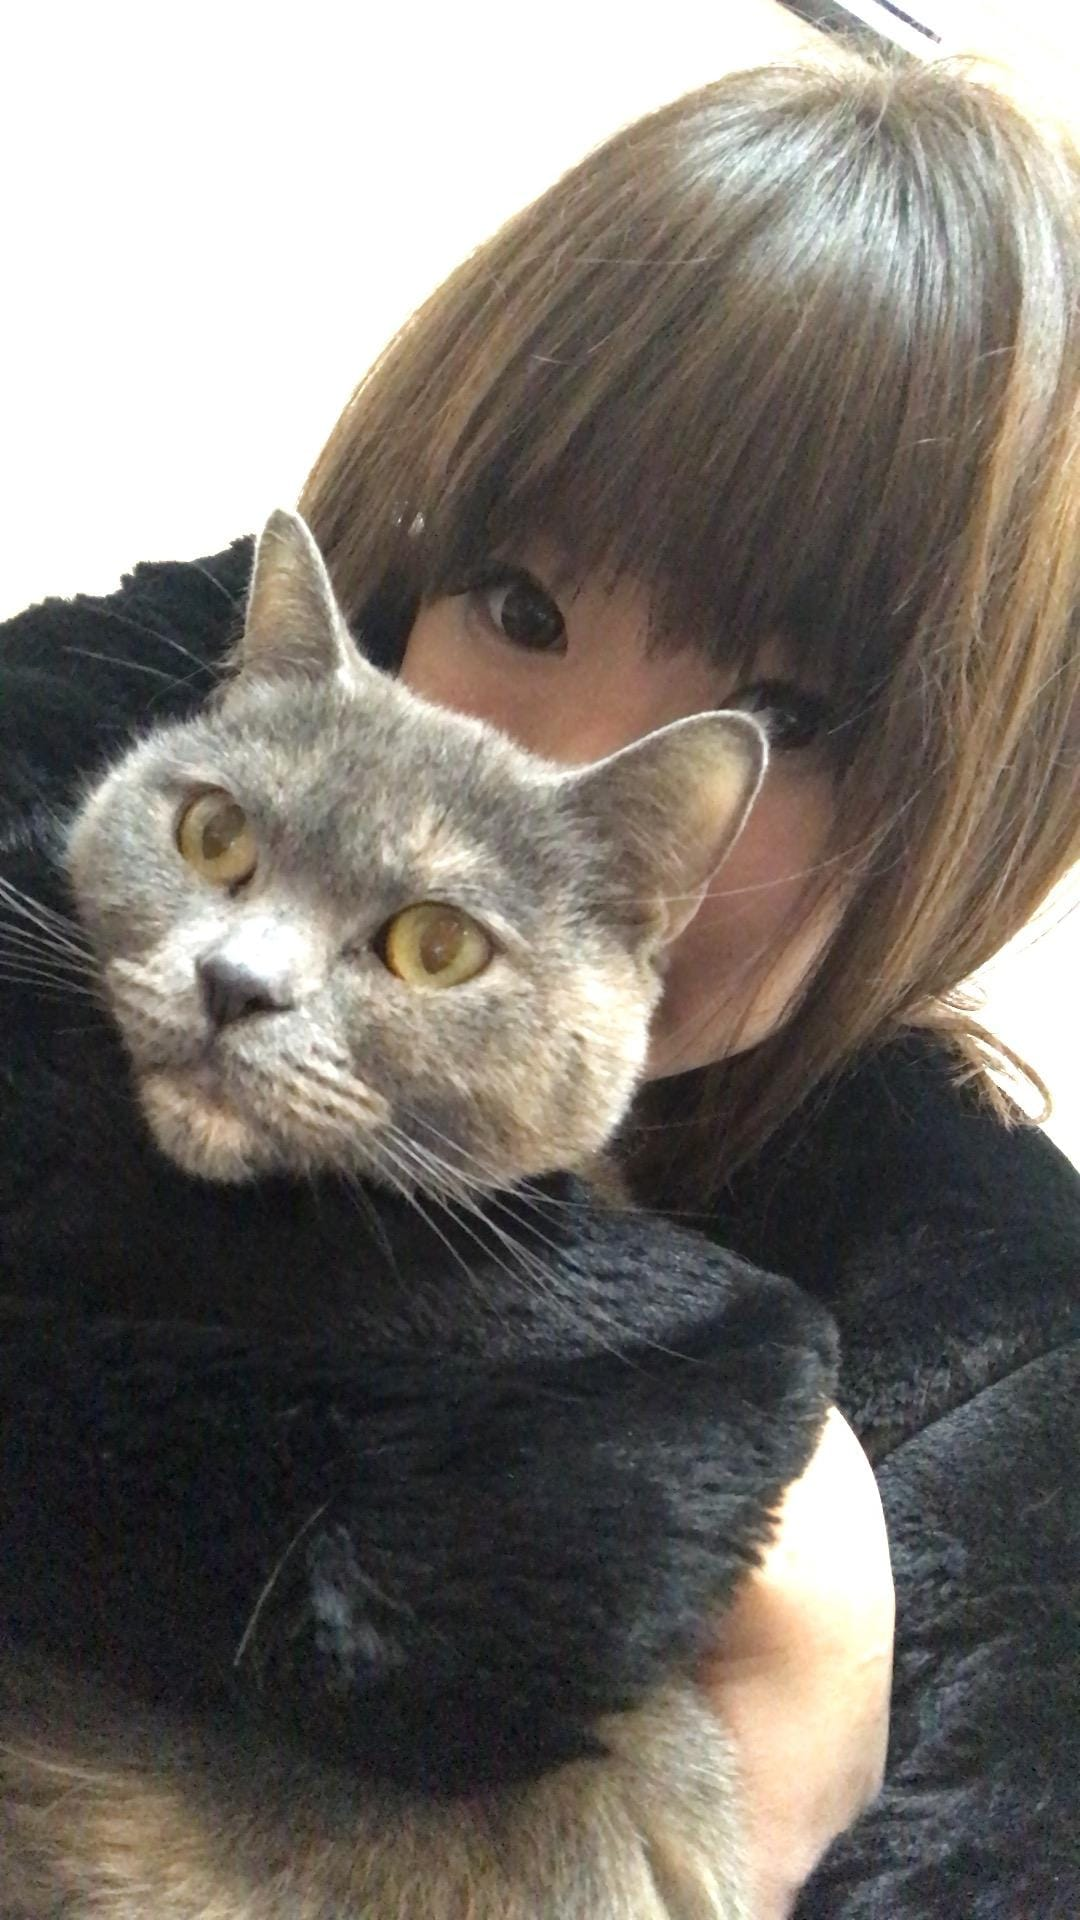 https://s3-ap-northeast-1.amazonaws.com/files.fuzoku.jp/img/shop/kamign/diary/15328660/d_0_20180122082820106.jpeg